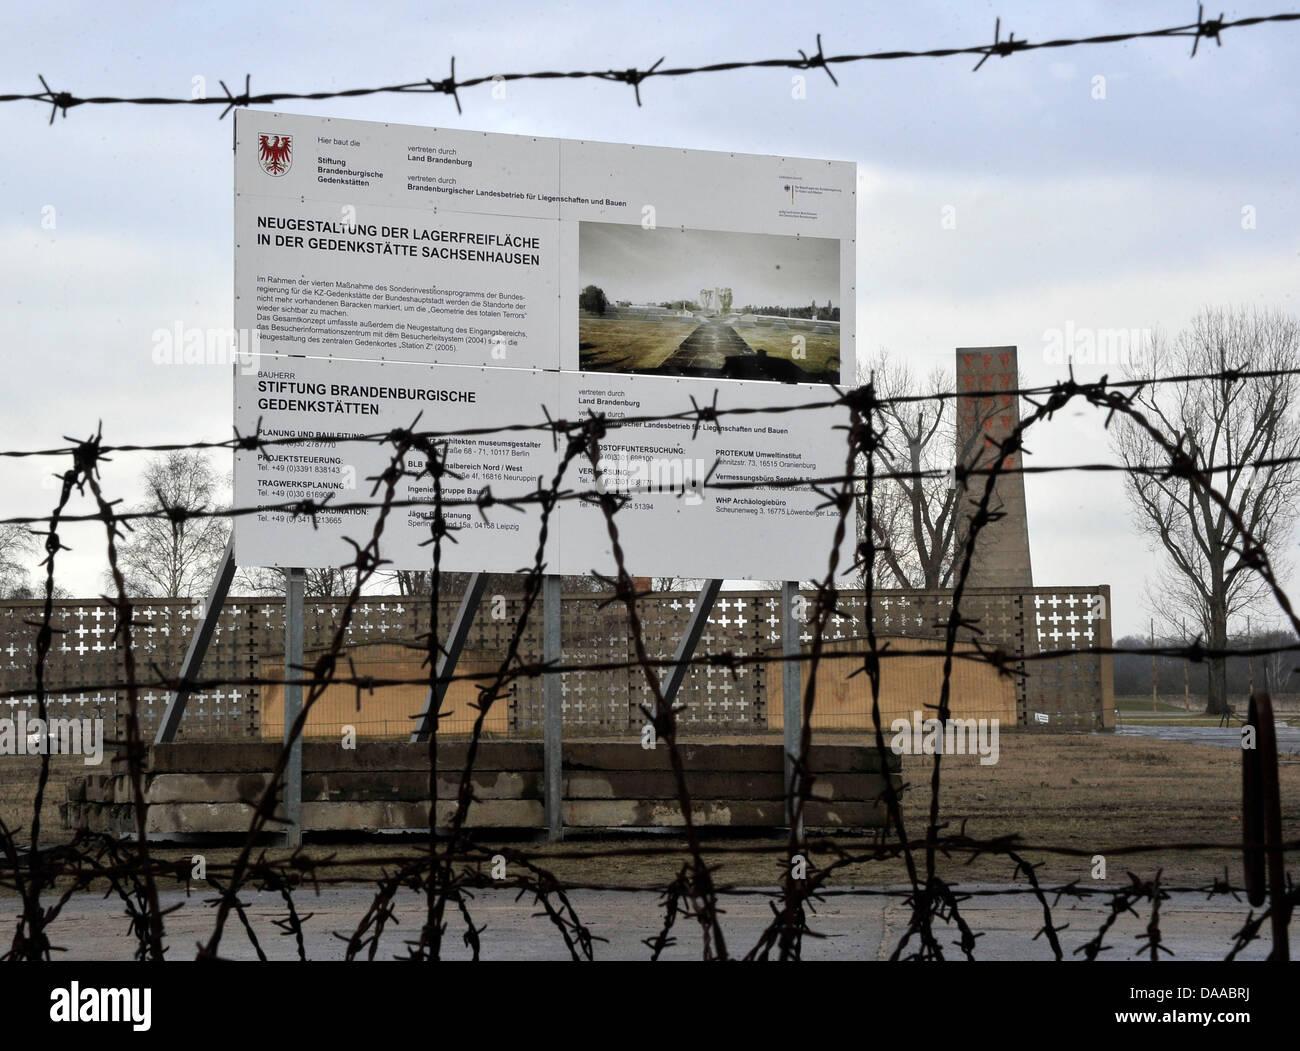 Un signe sur l'exercer cour décrivant la refondation des plans pour le monument commémoratif le 19. Photo Stock